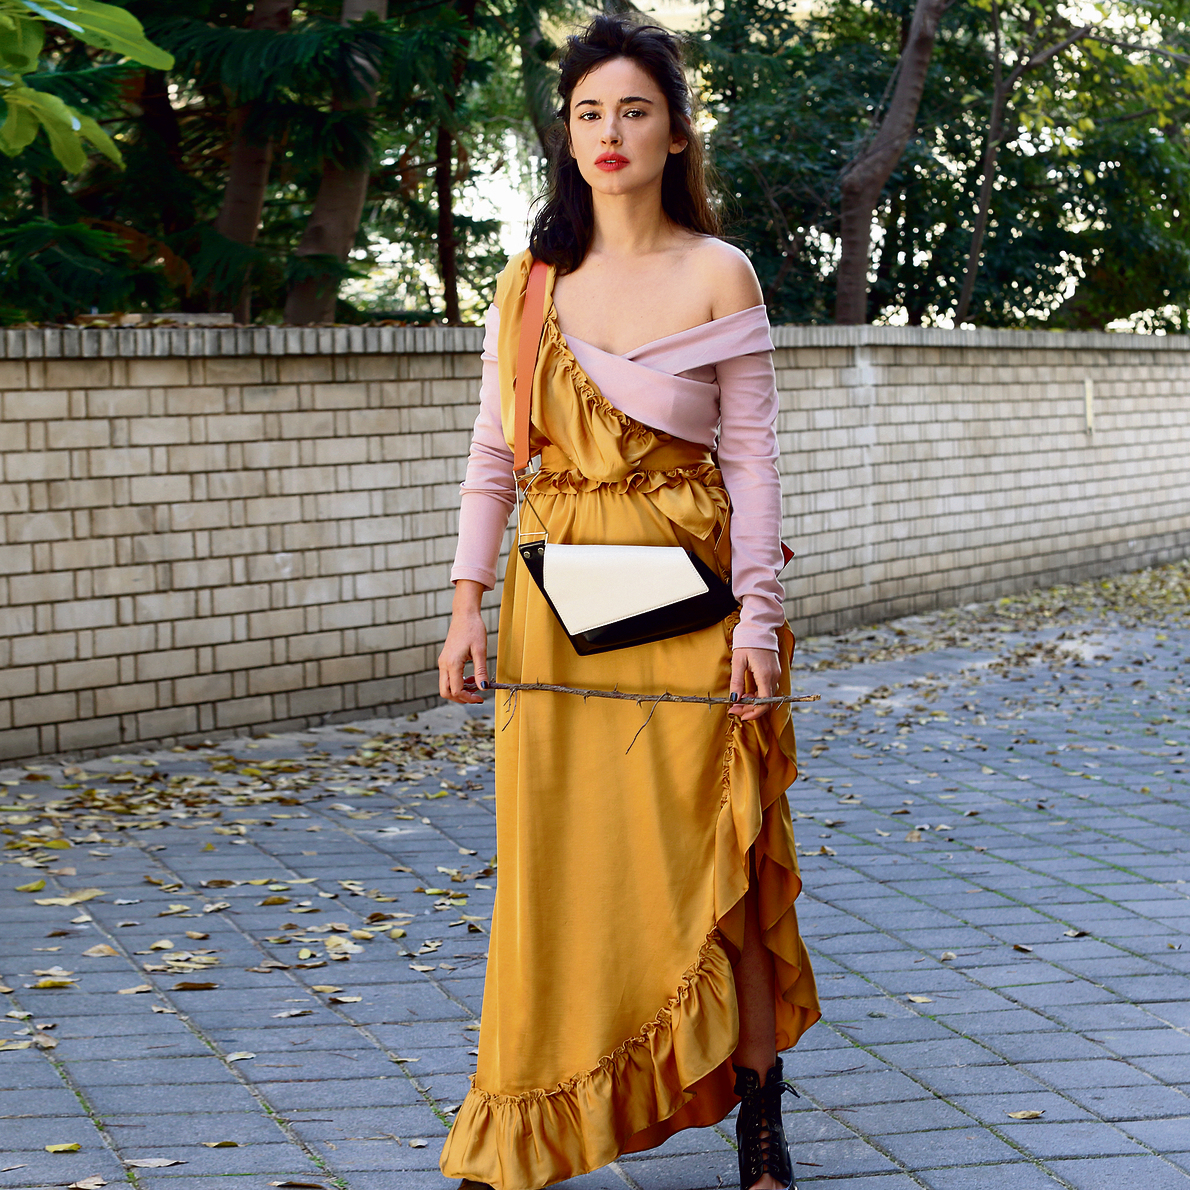 שמלה: מאיה נגרי חולצה: רנואר תיק: noritami x collecte נעליים: to go